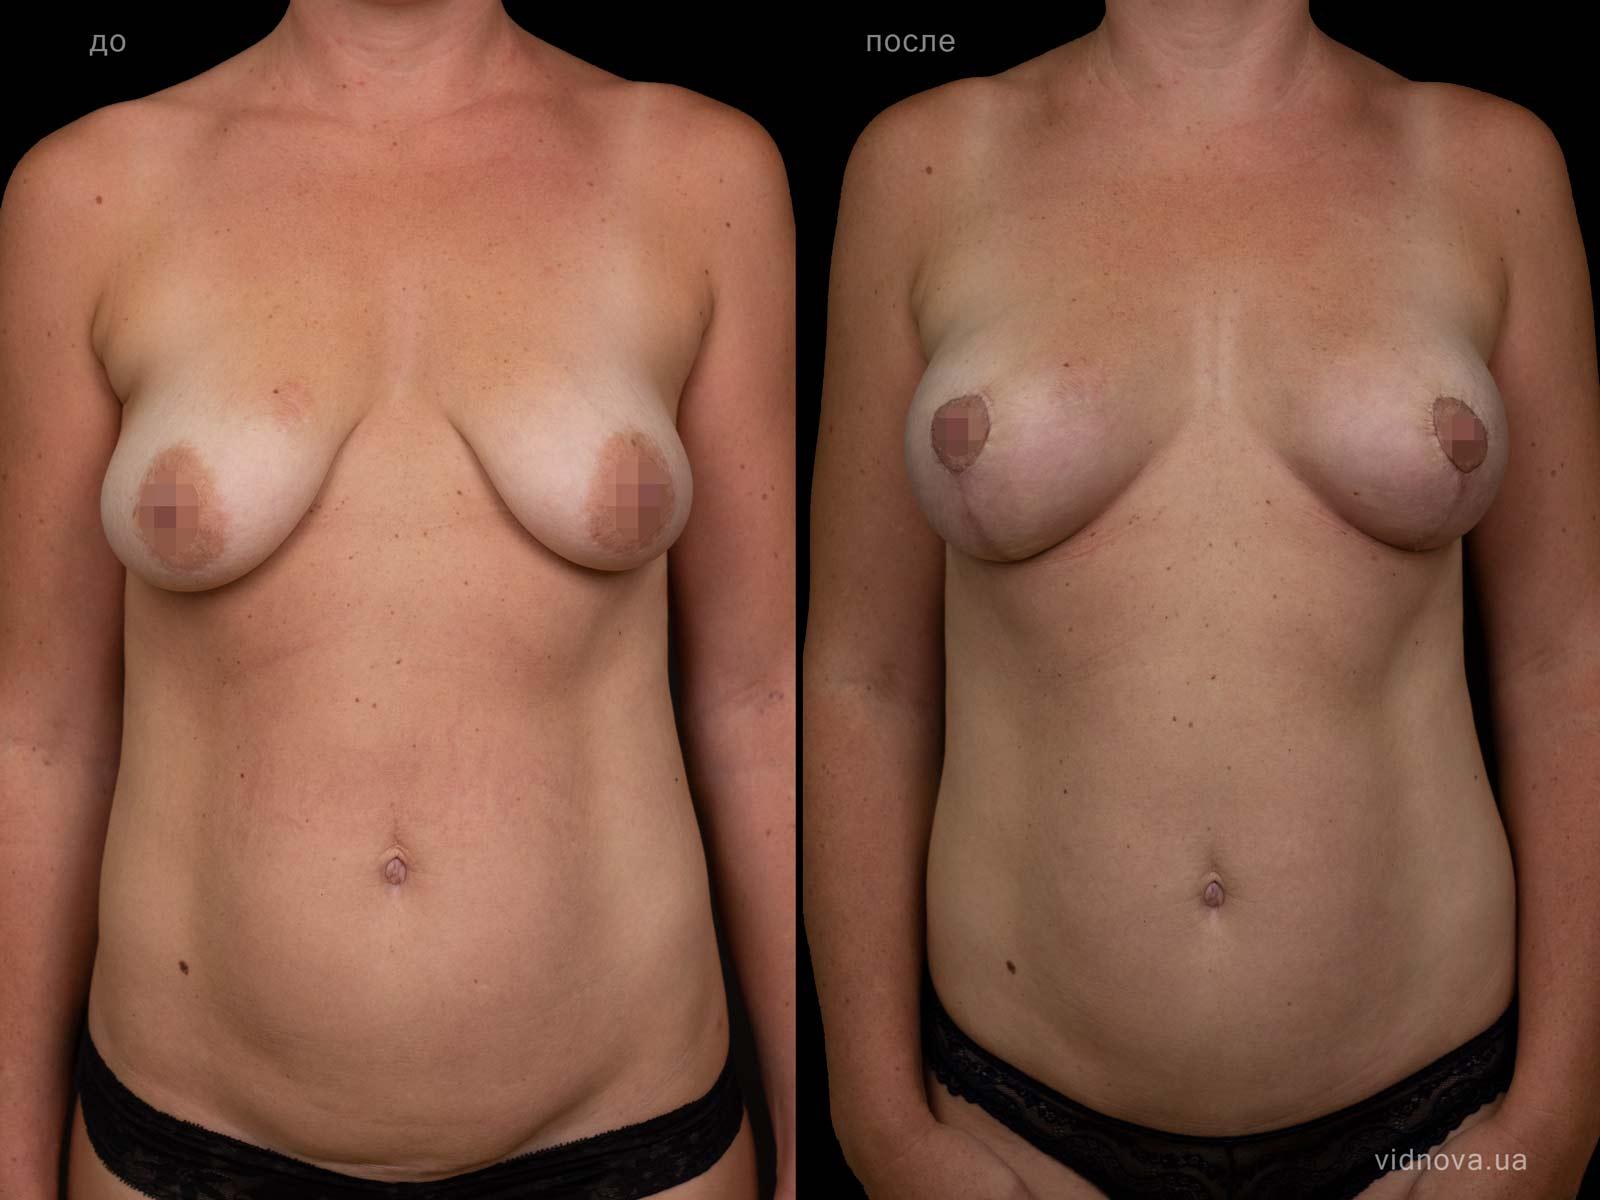 Пластика груди: результаты до и после - Пример №94-0 - Светлана Работенко